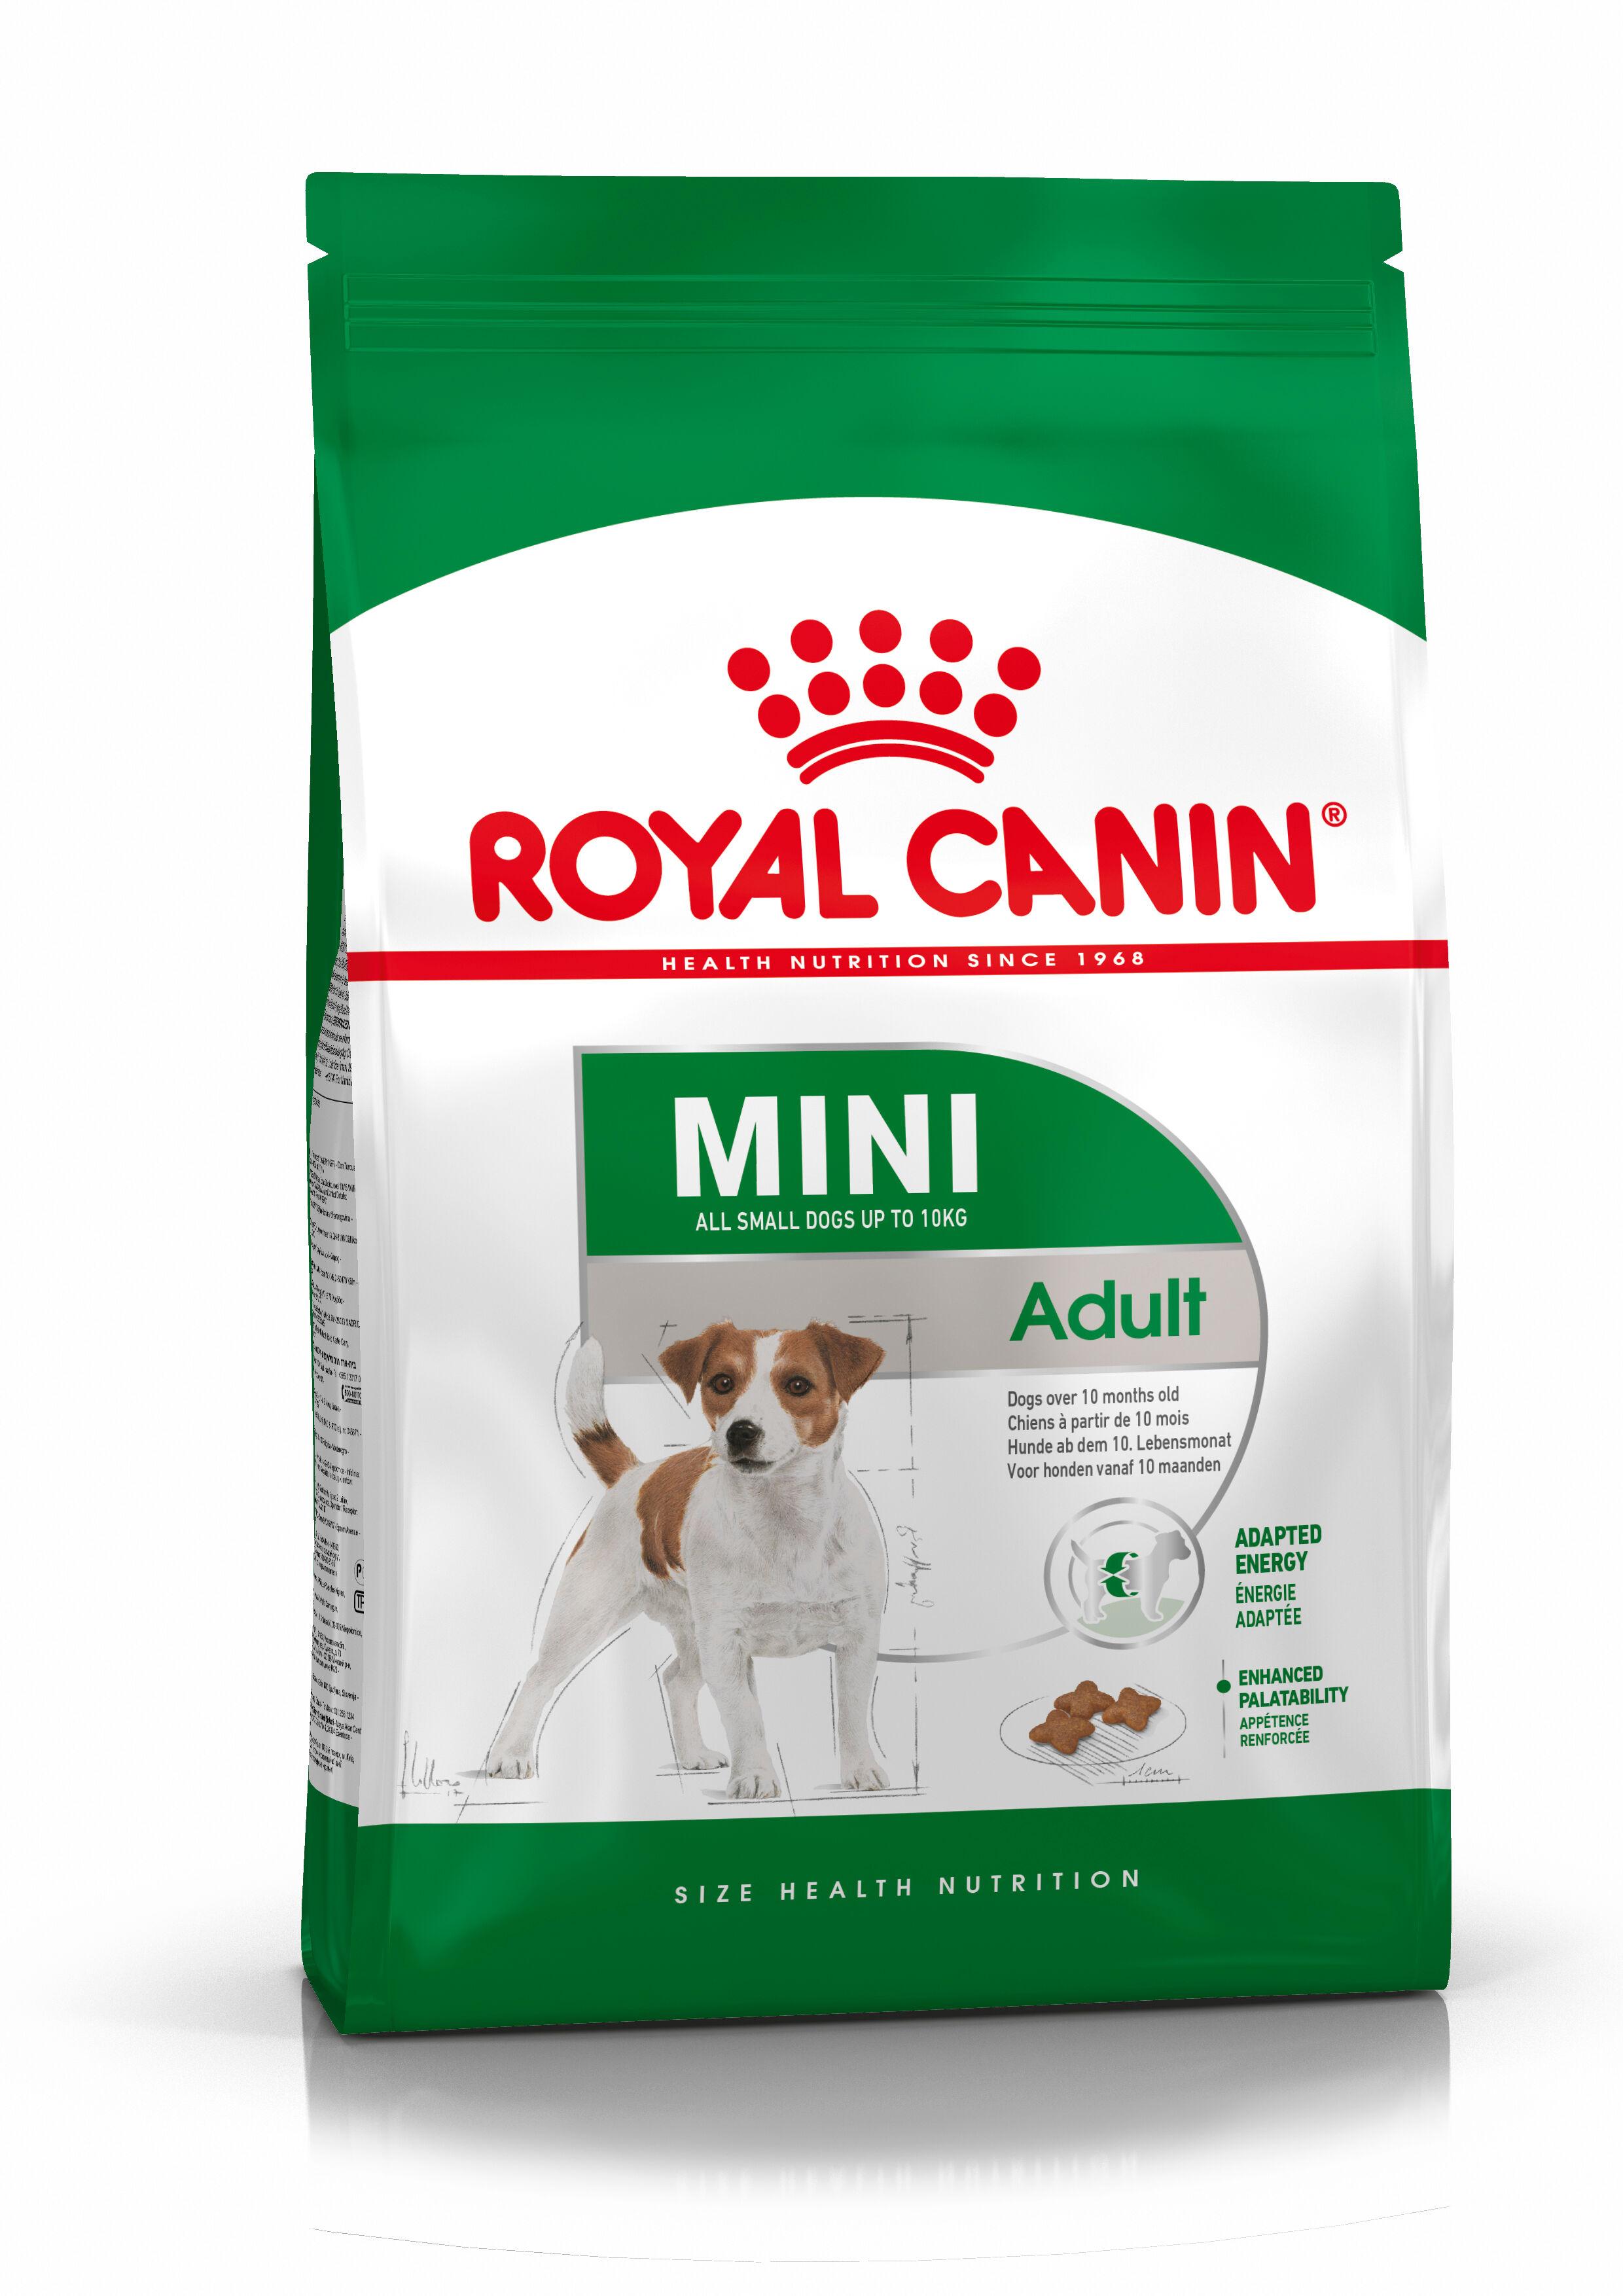 Royal Canin Mini Adult pour chien 3 x 8 kg